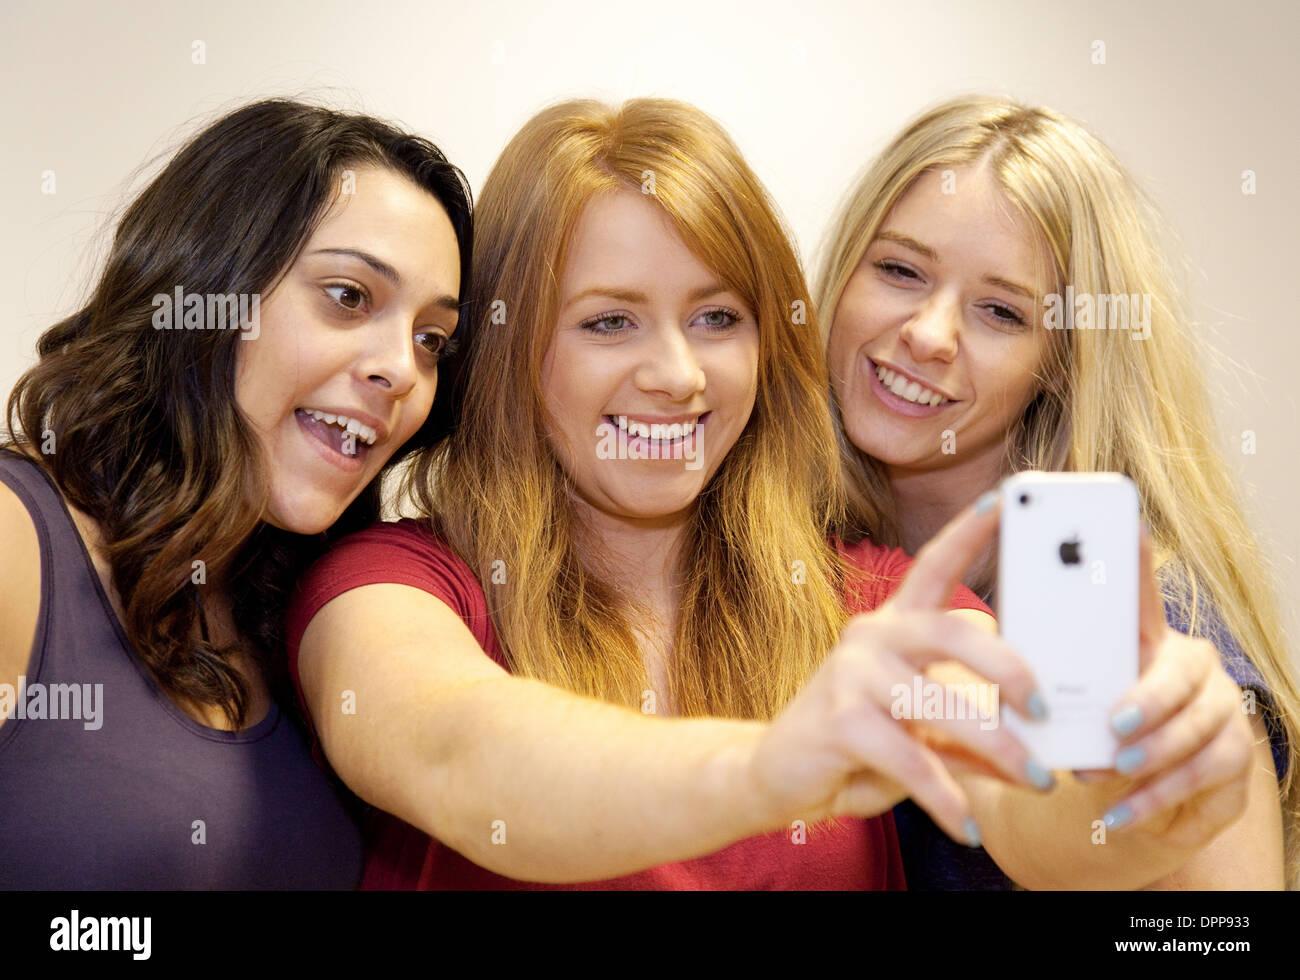 Selfie, prese da tre giovani ragazzi adolescenti ragazze su un Apple iPhone, Essex REGNO UNITO Immagini Stock